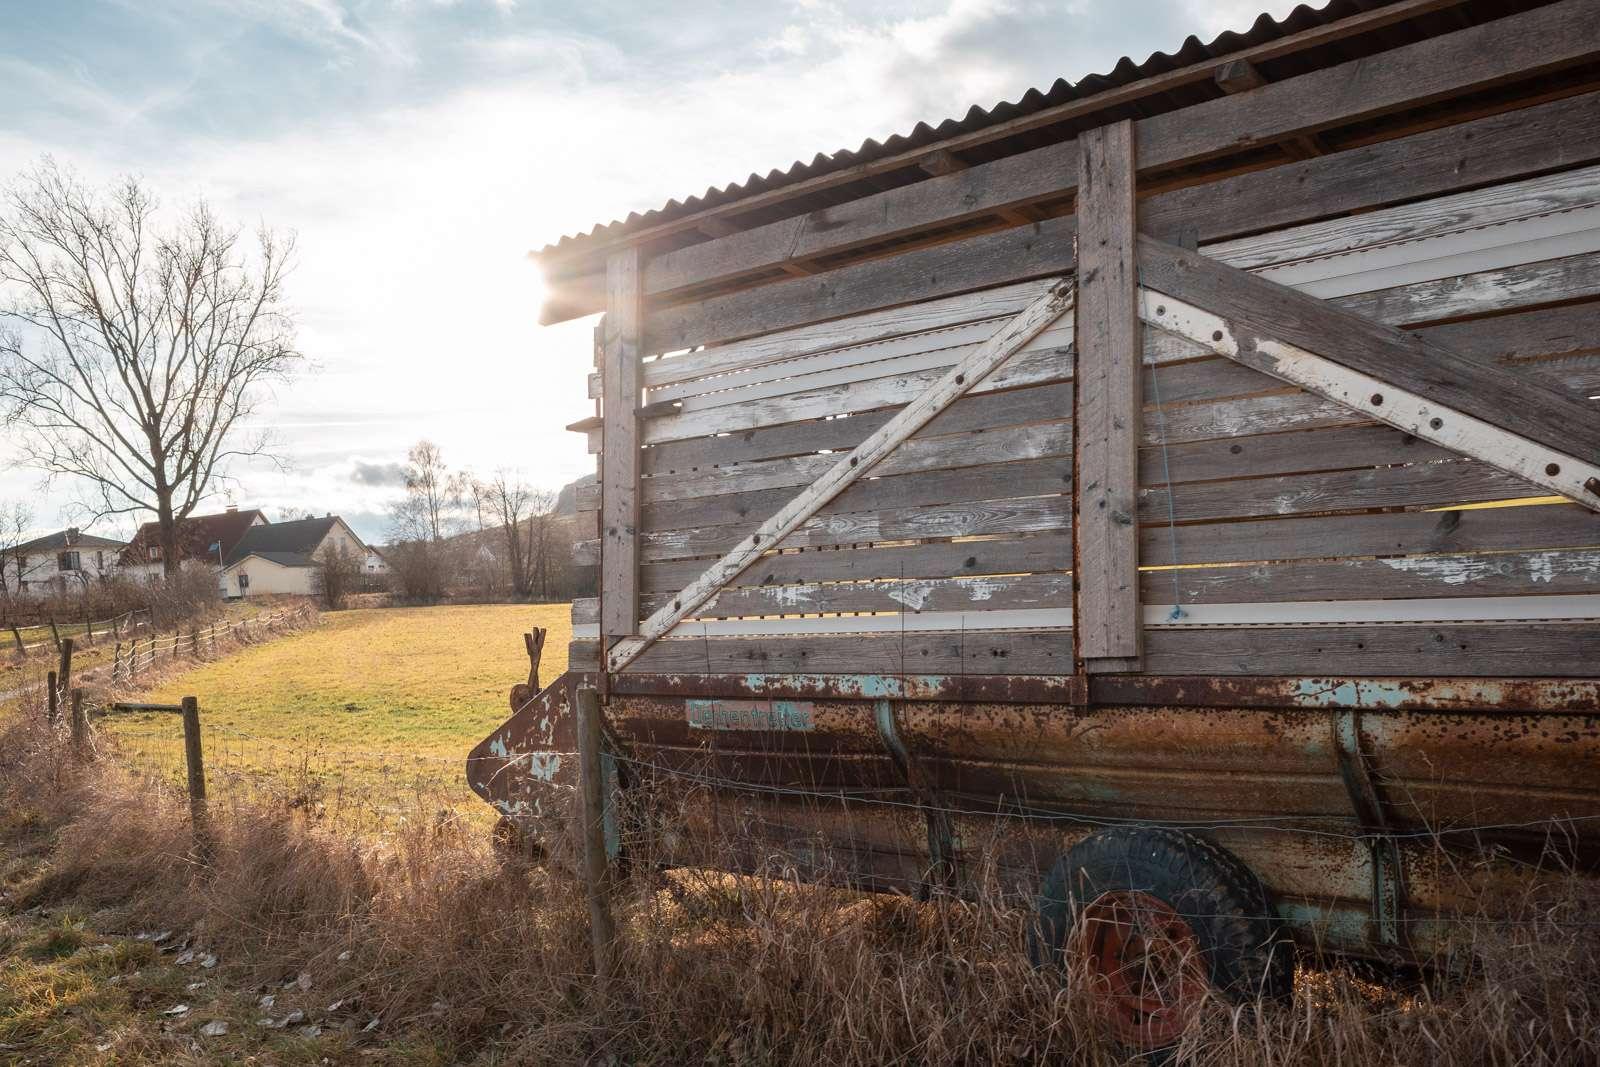 ricoh gr3 Holz auf einem Feld franke 018